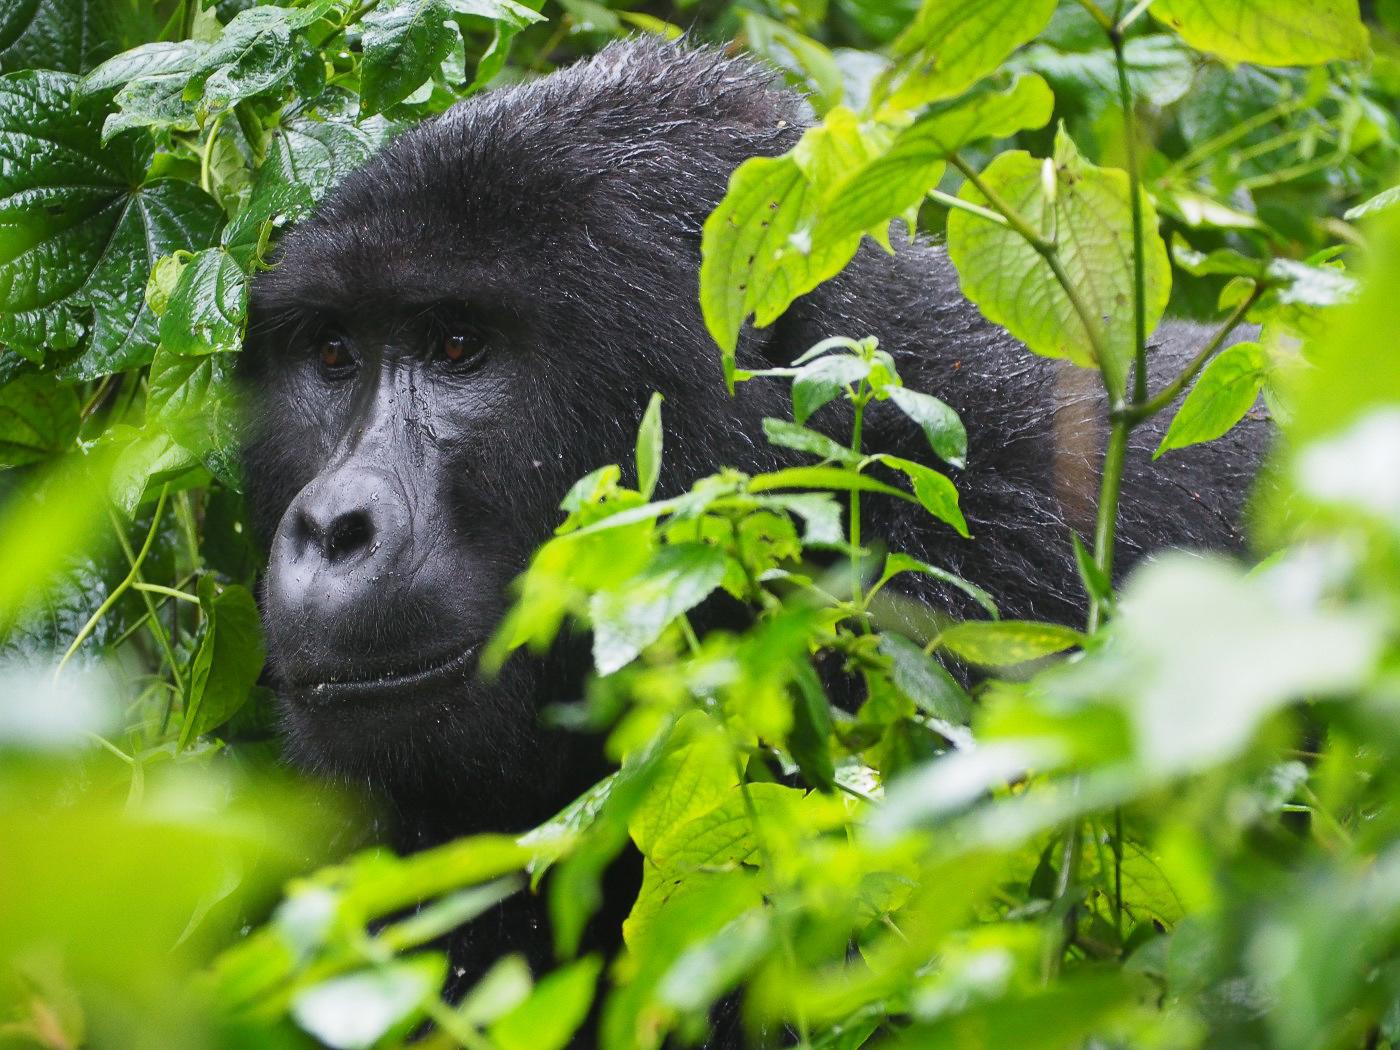 Voyage en afrique 2020 - Ouganda et les gorilles